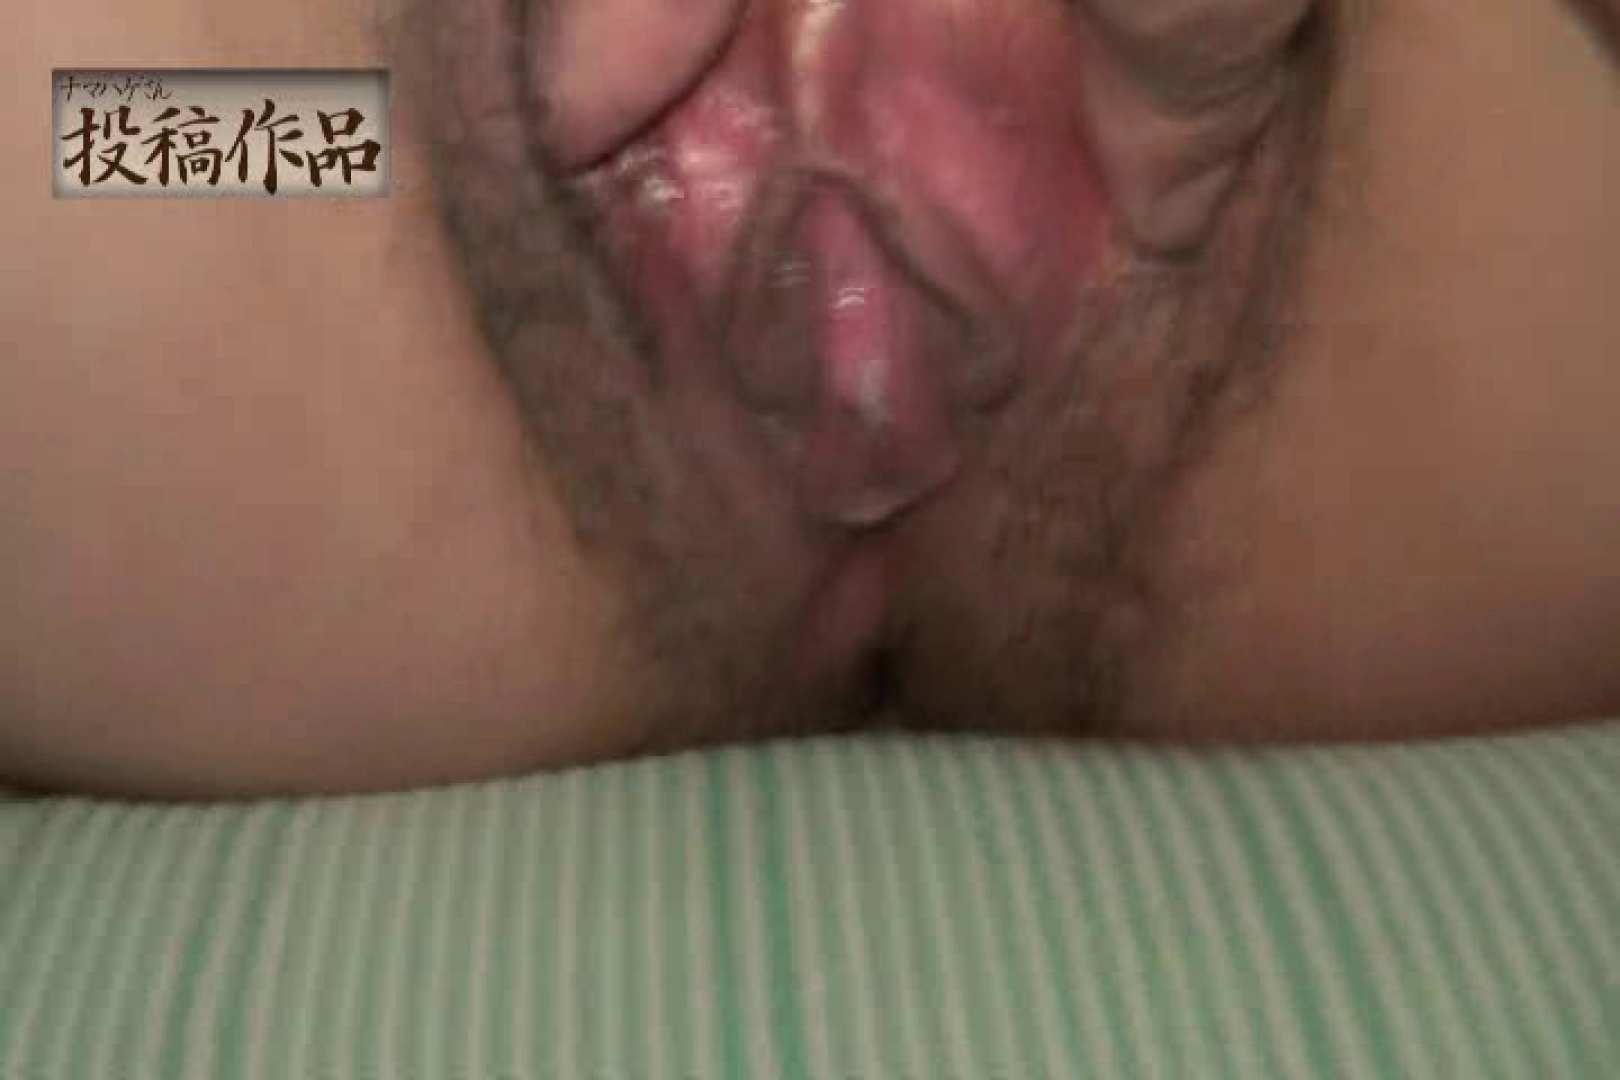 ナマハゲさんのまんこコレクション第二章 juri スケベ オメコ無修正動画無料 38連発 5